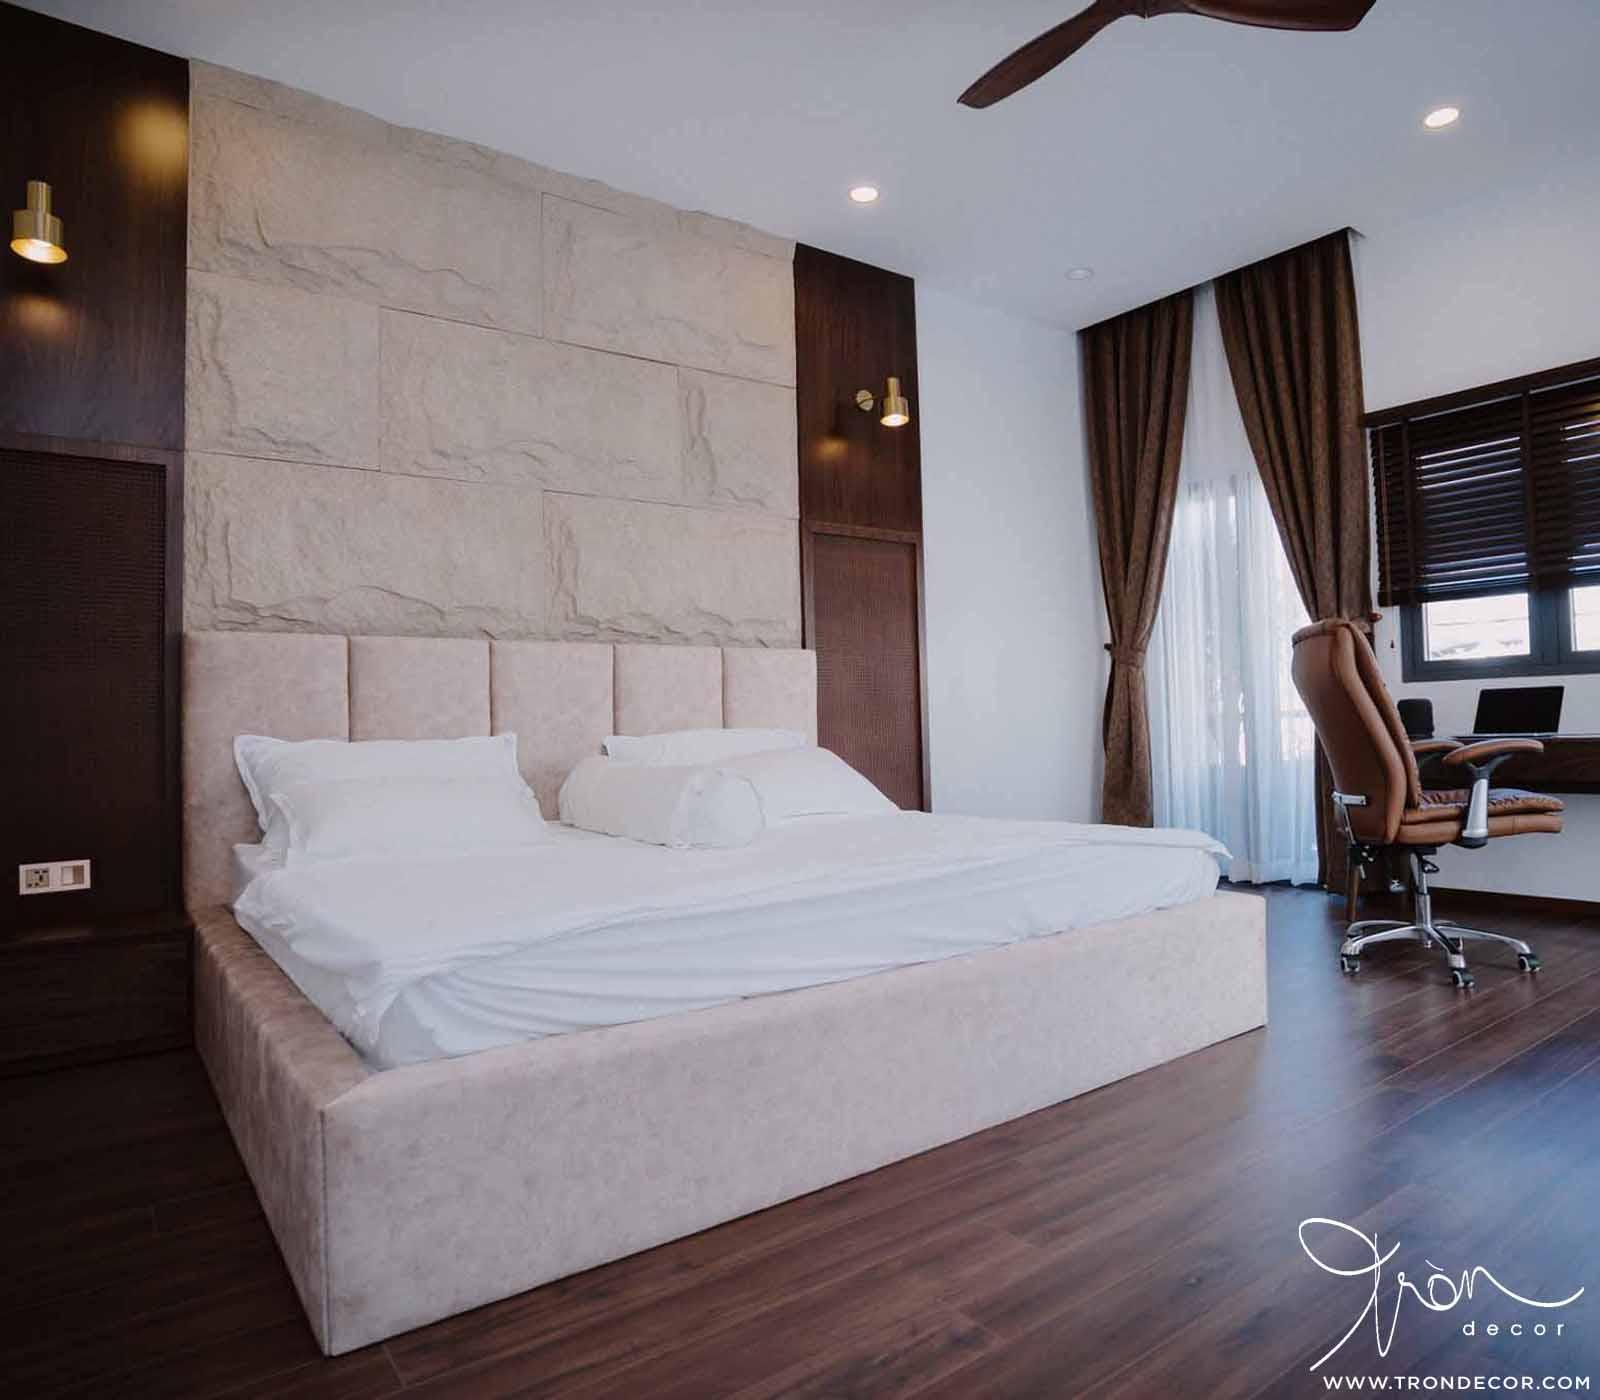 Tròn Decor thi công nội thất nhà phố Gò Vấp